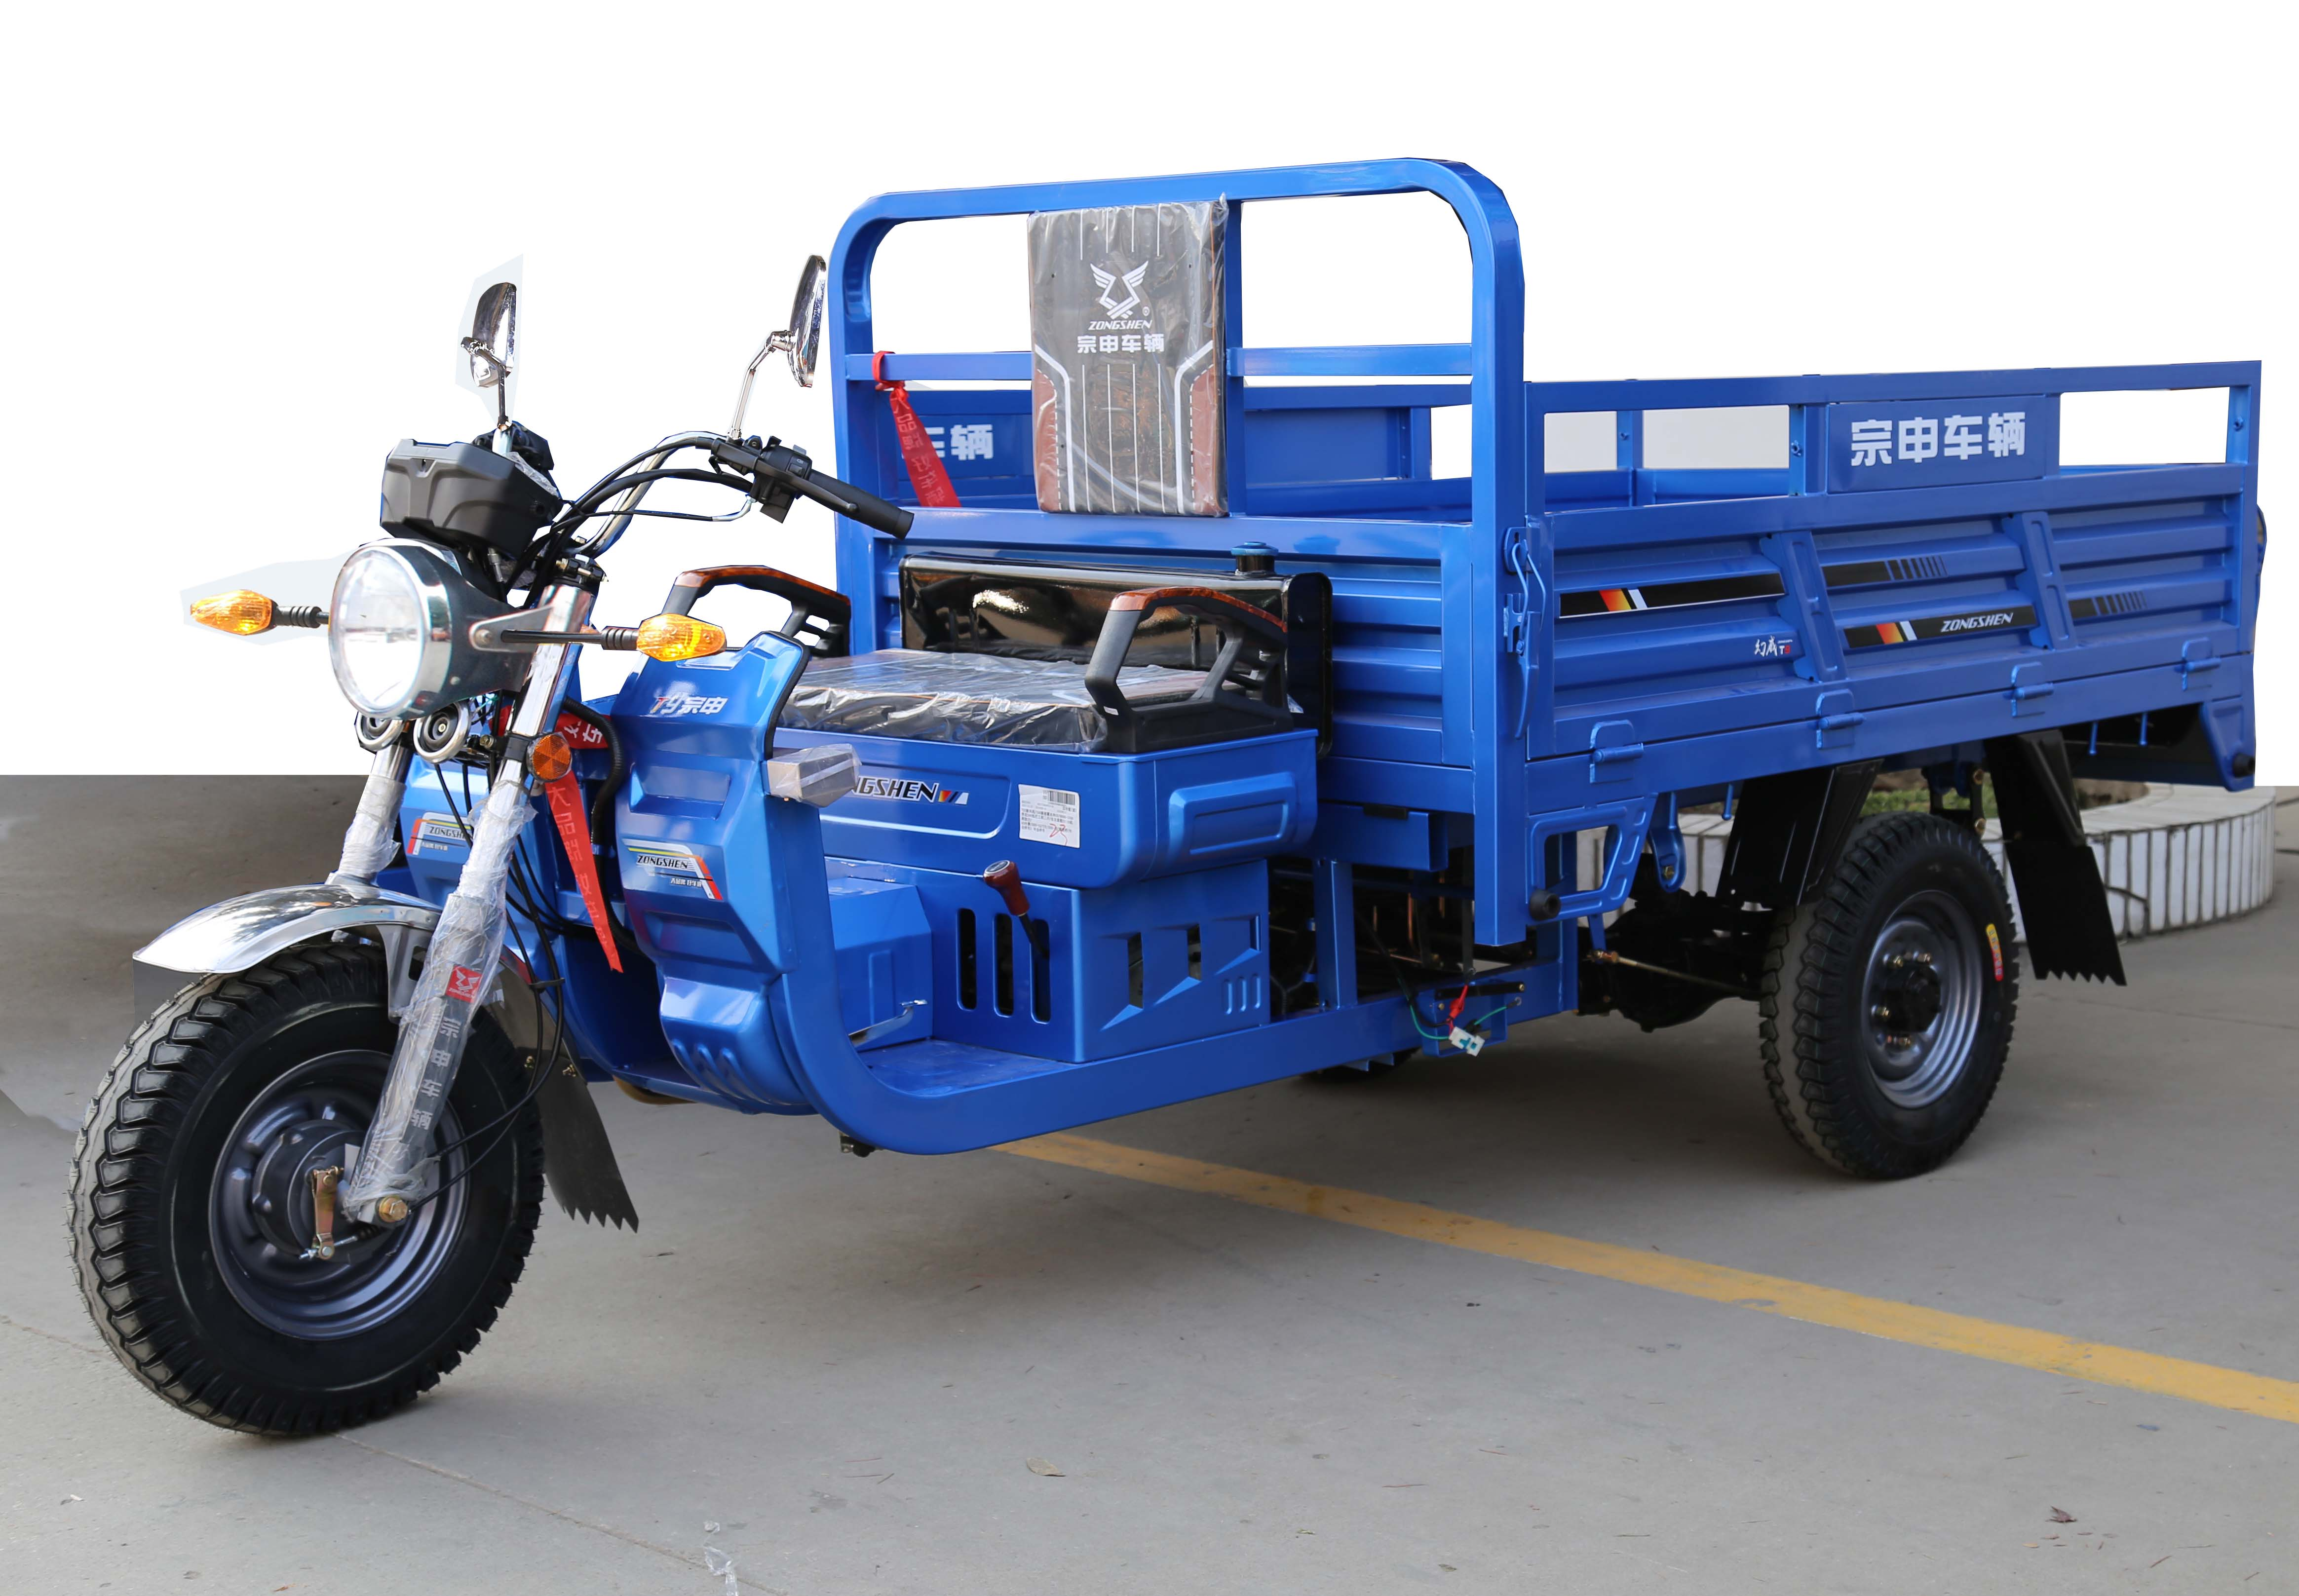 宗申正三轮摩托车